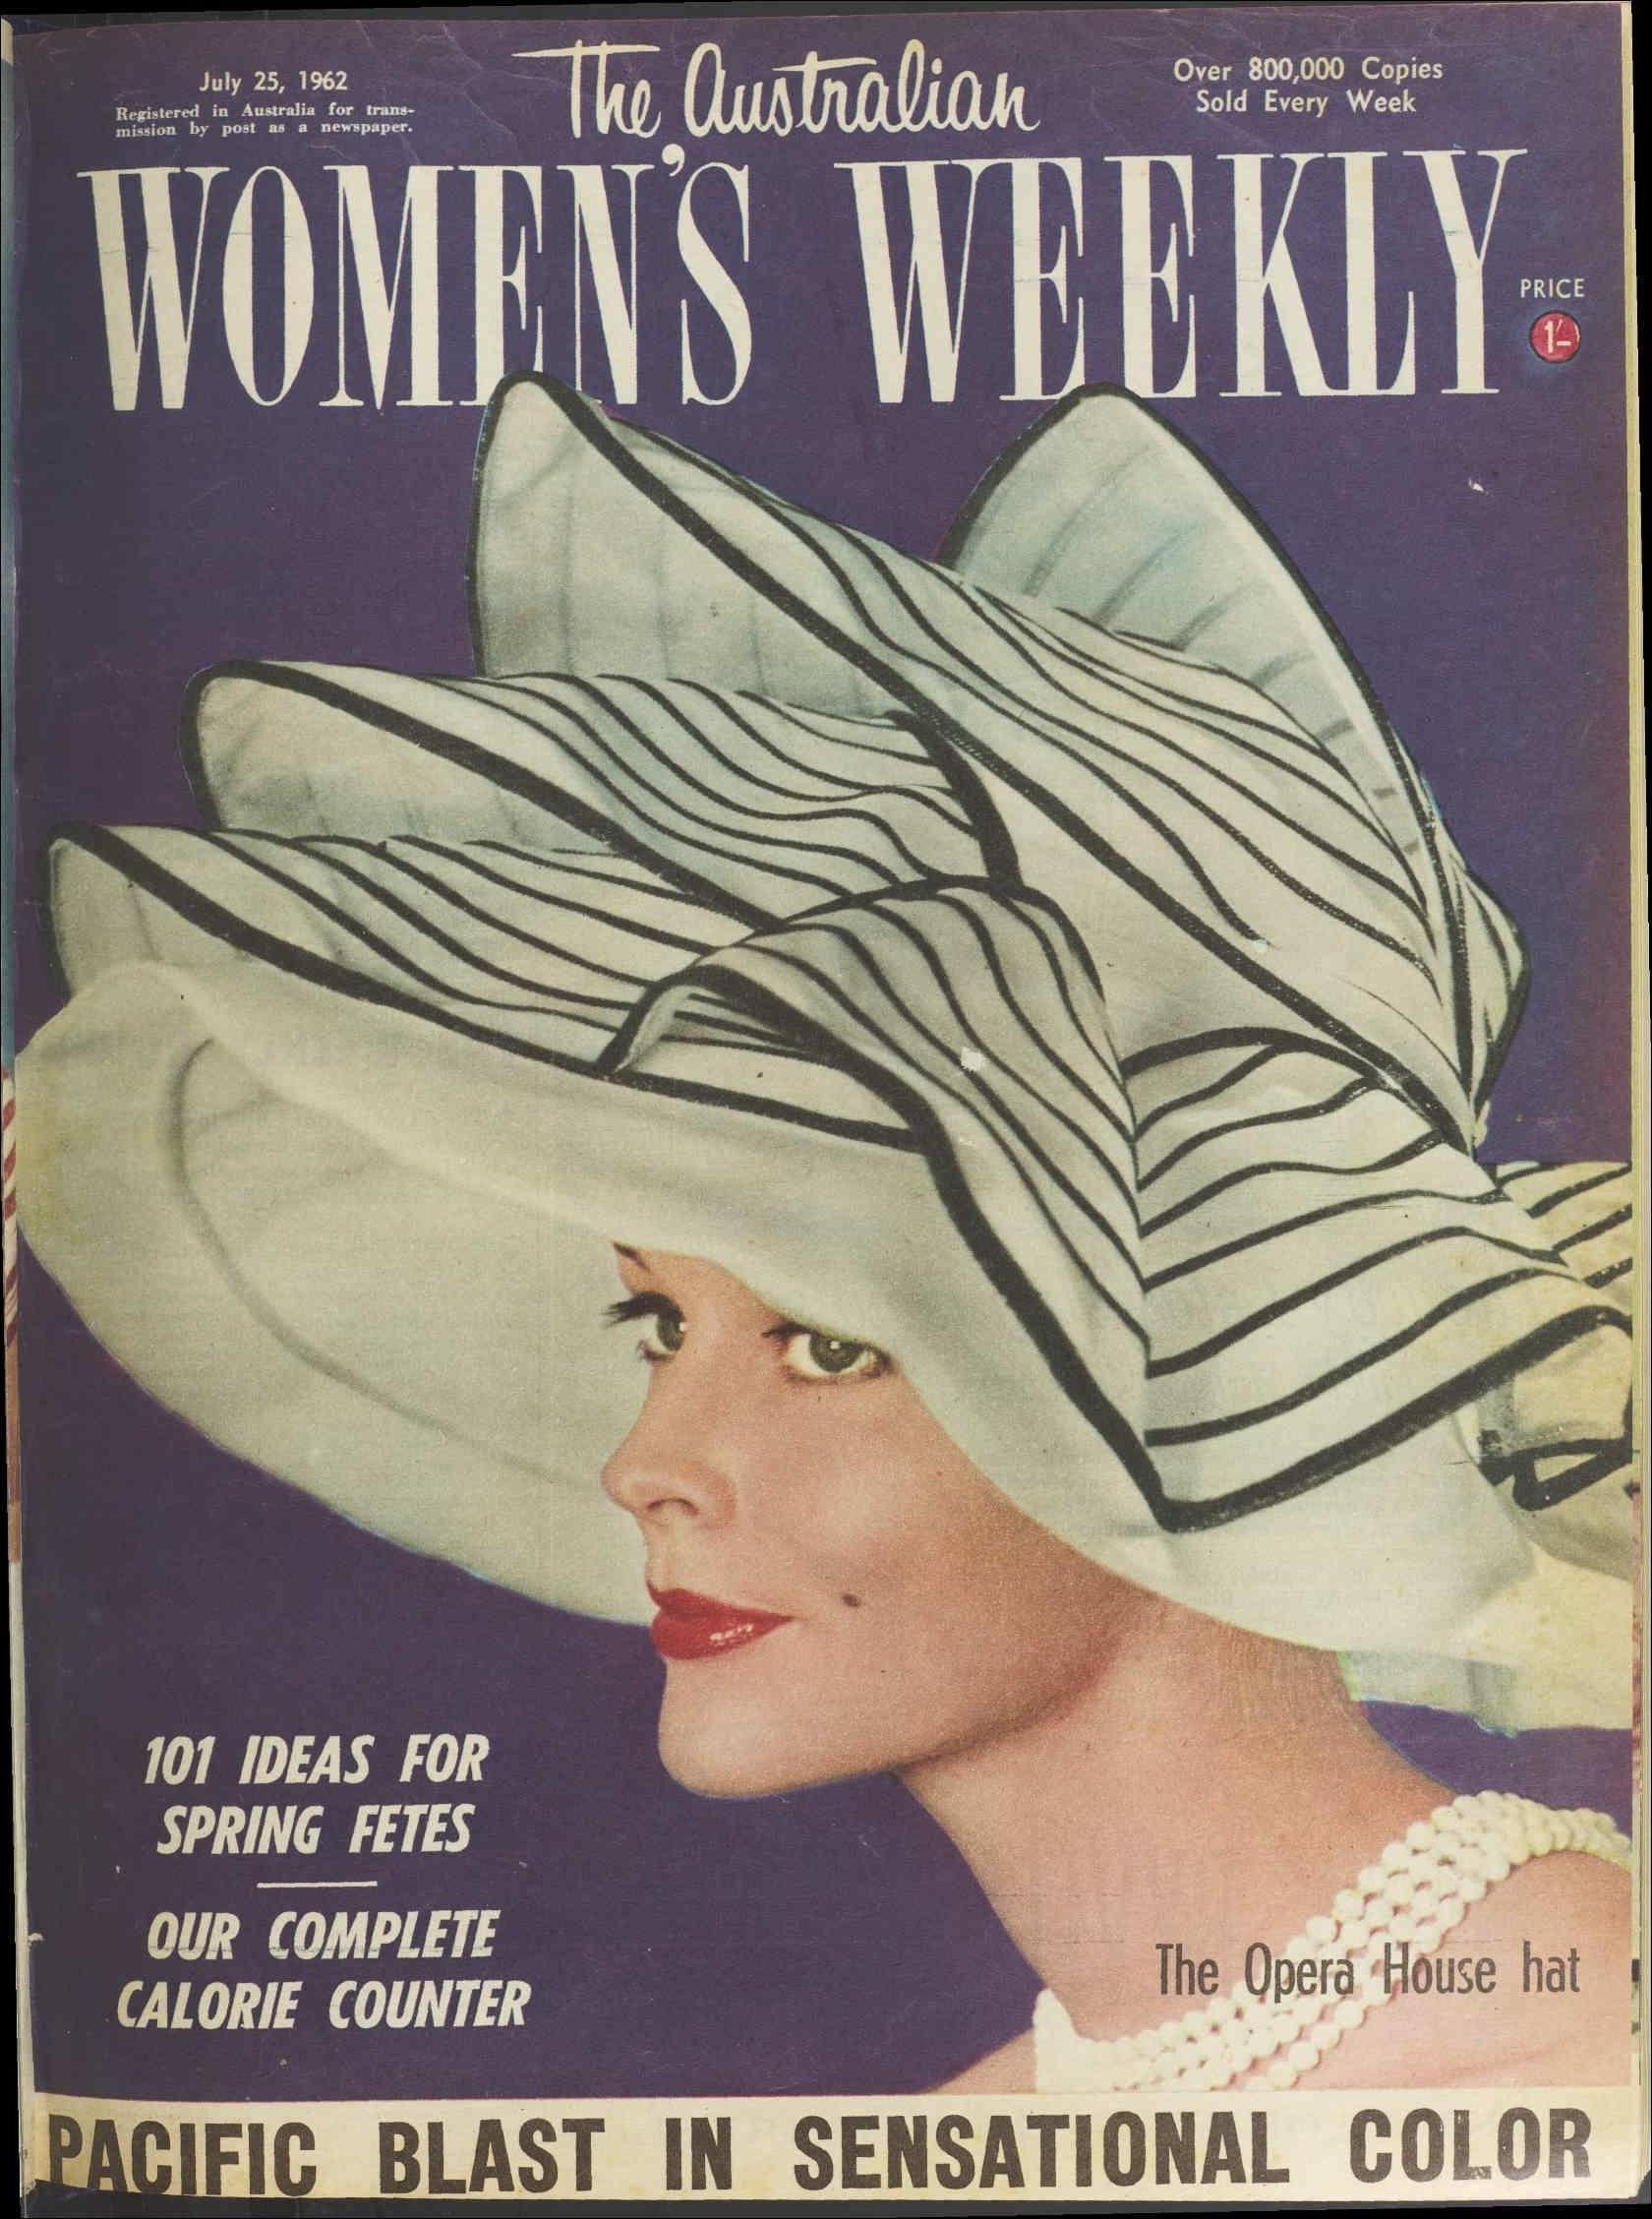 Opera House Hat, cover, Australian Women's Weekly, 25 July